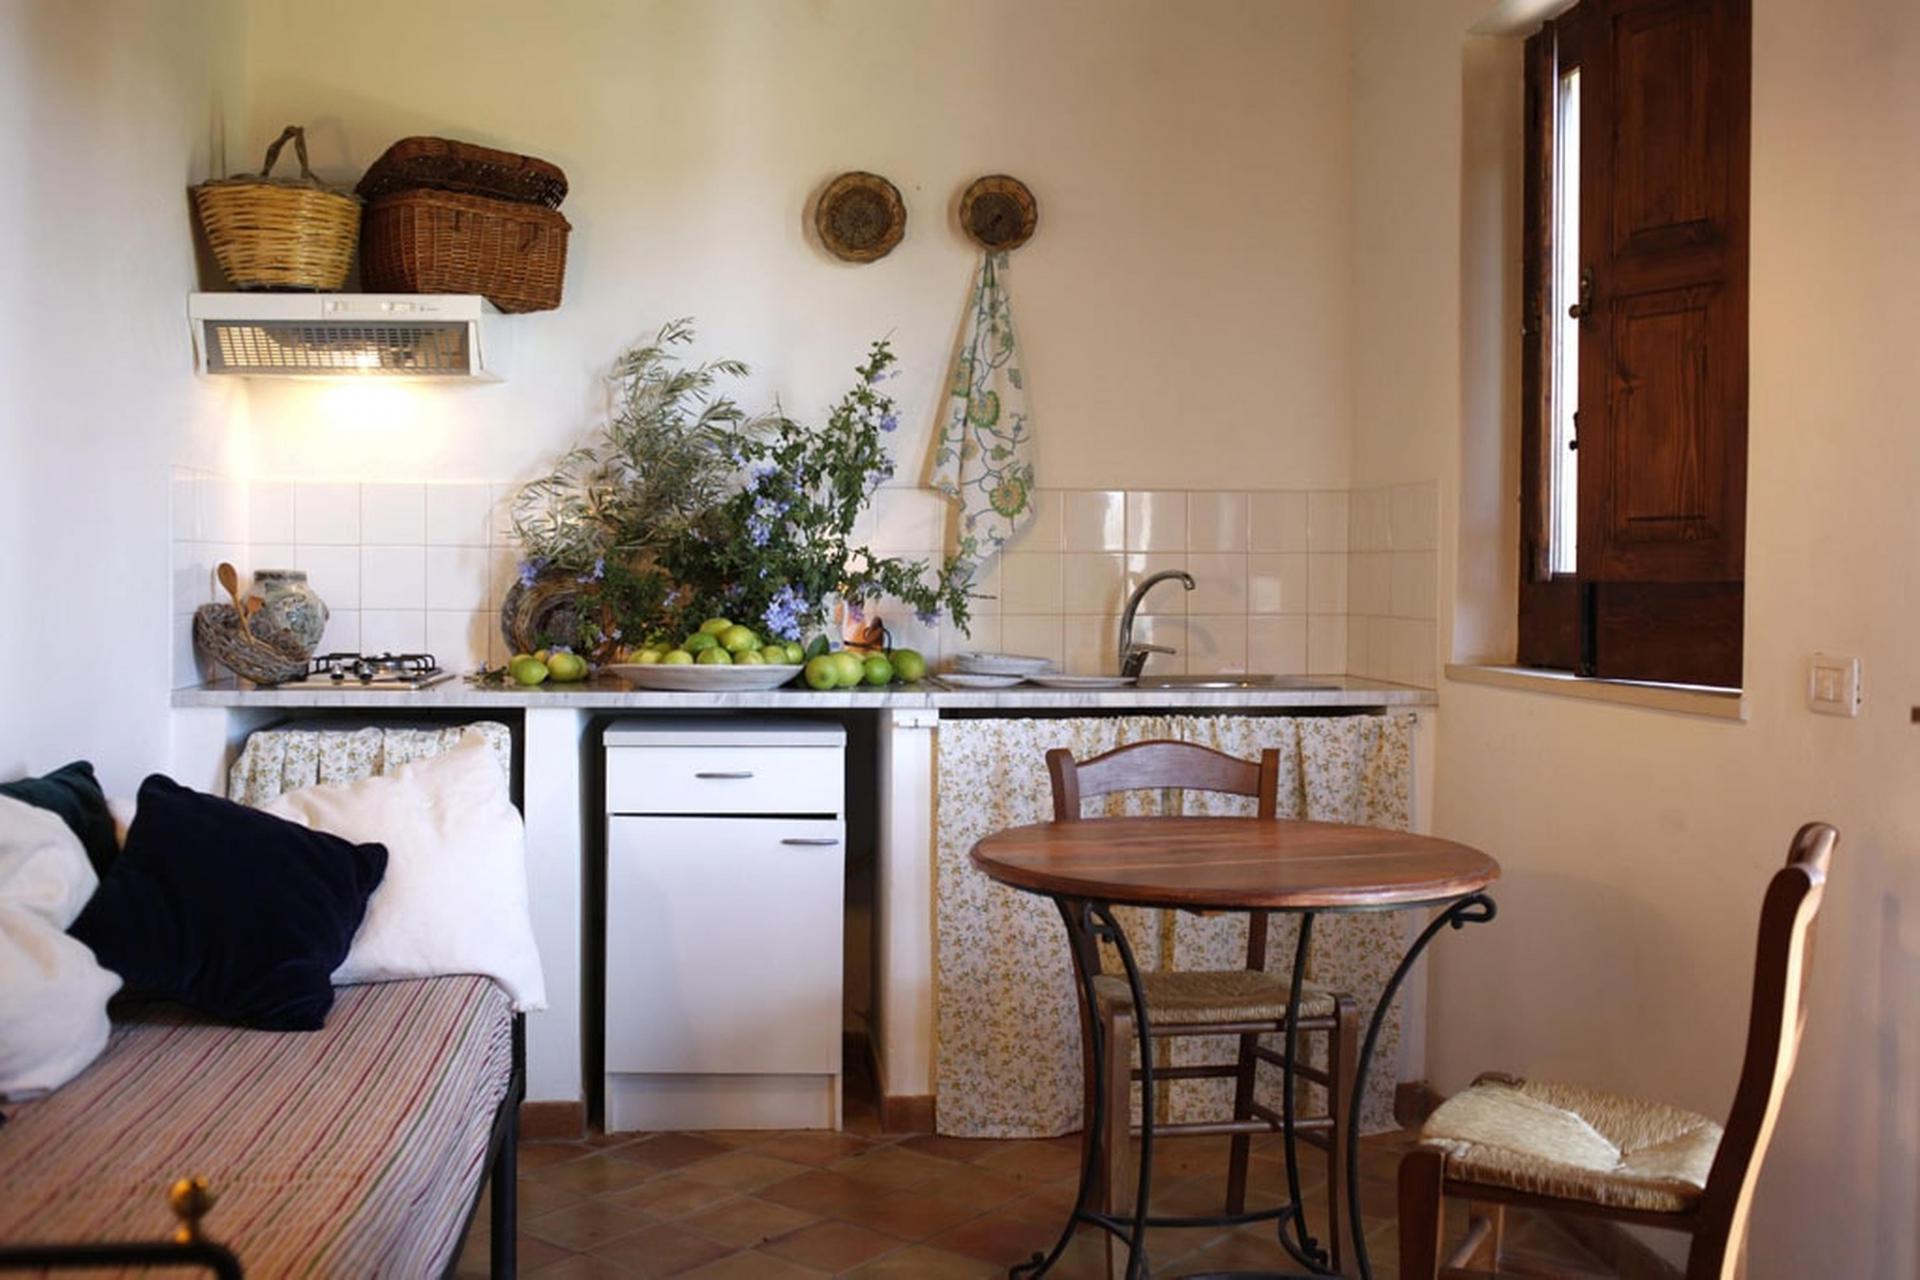 Agriturismo Sizilien Agriturismo Sizilien, mit Restaurant und ideal gelegen